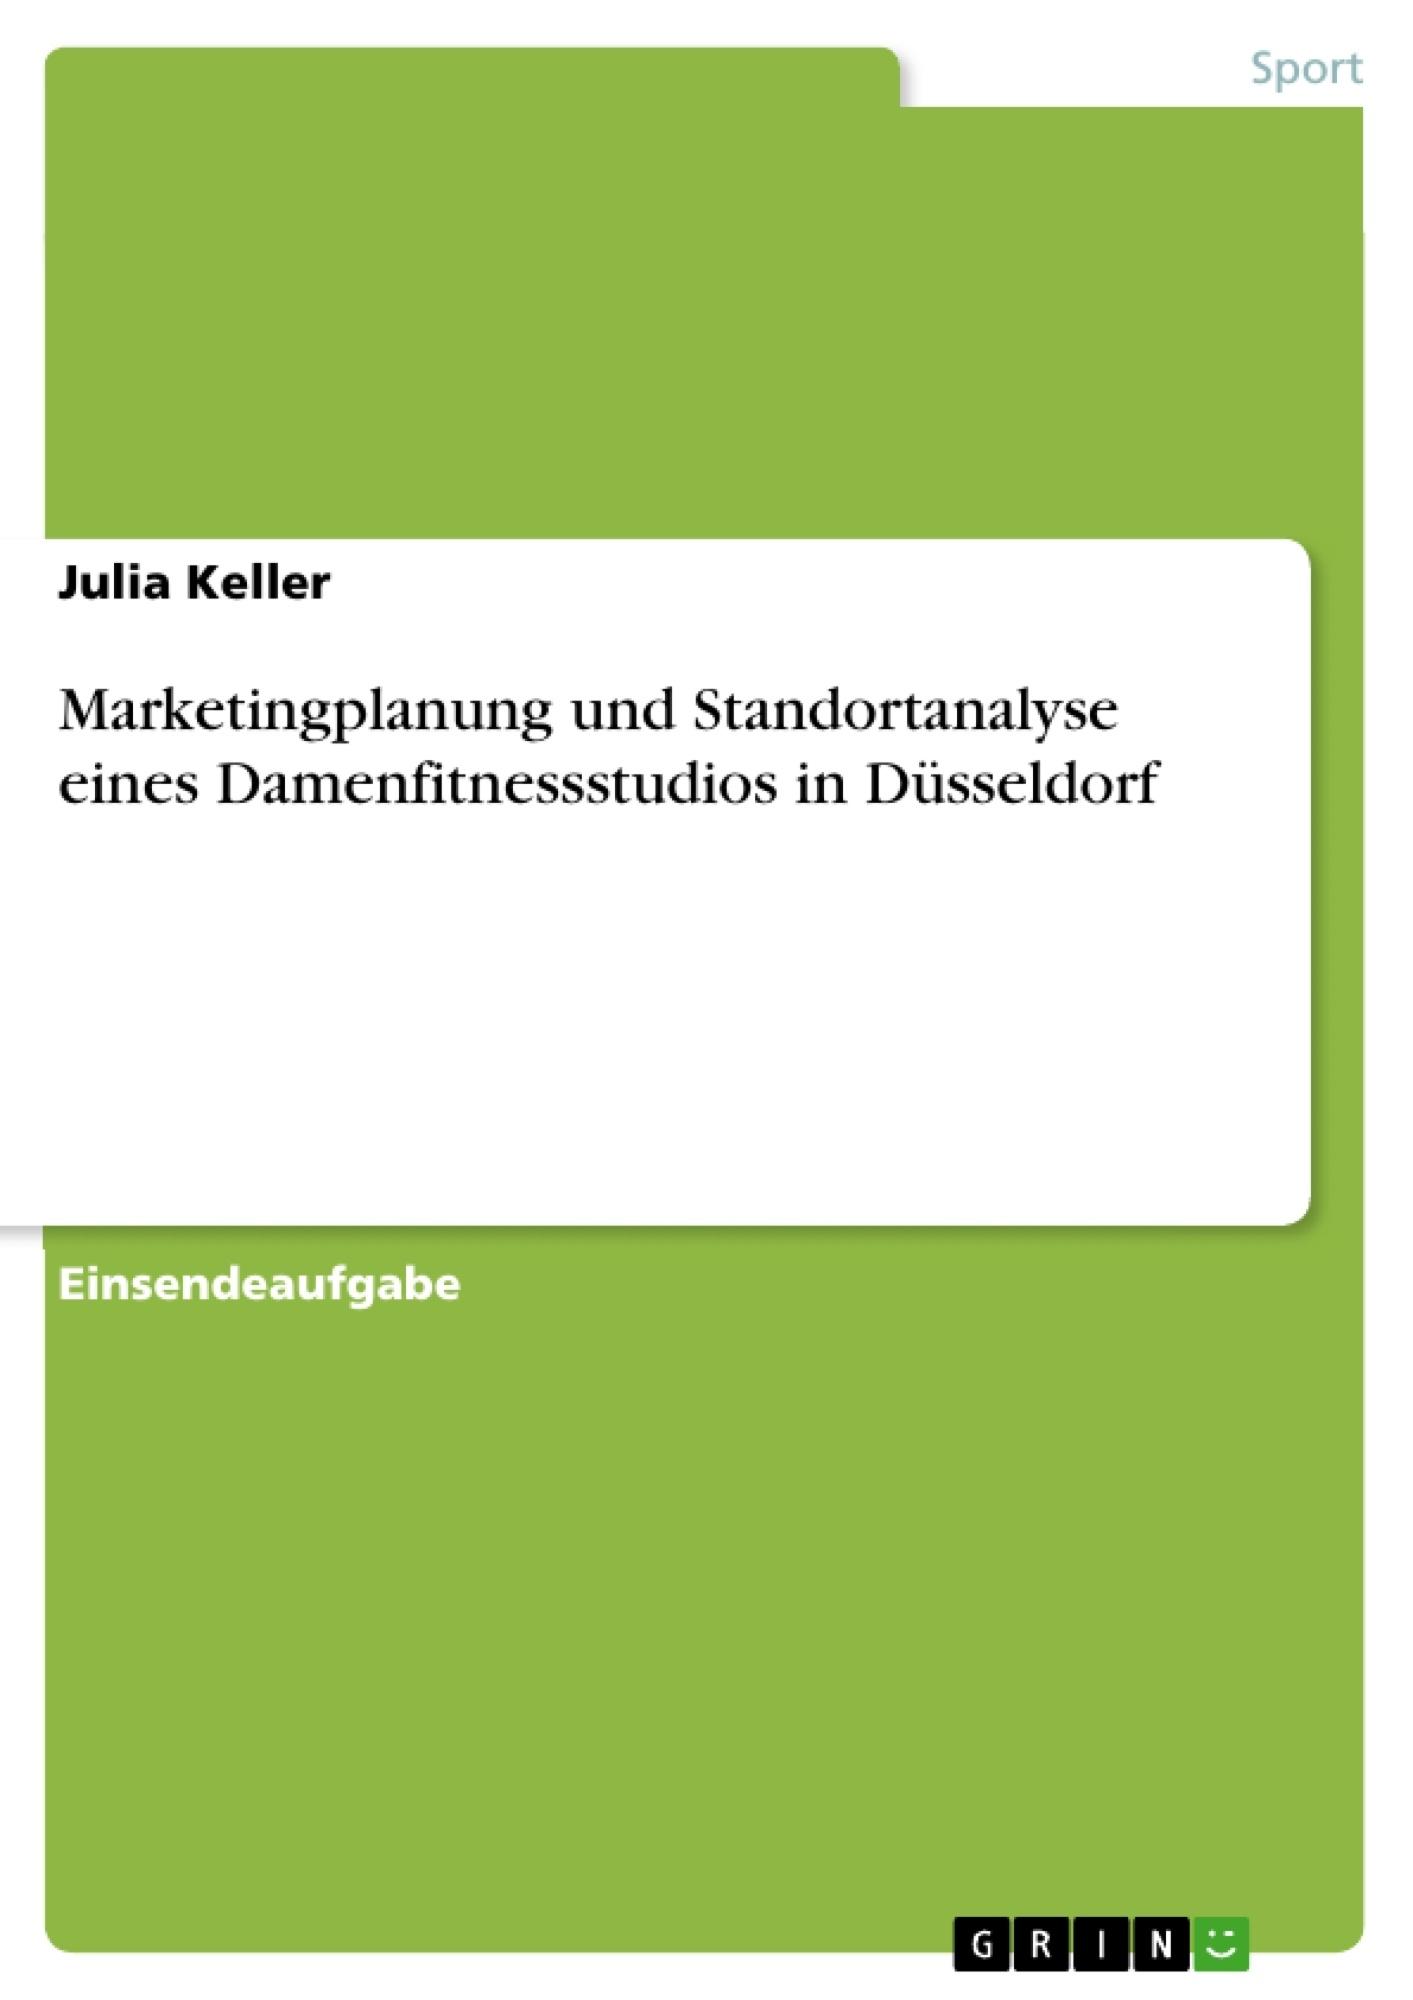 Titel: Marketingplanung und Standortanalyse eines Damenfitnessstudios in Düsseldorf